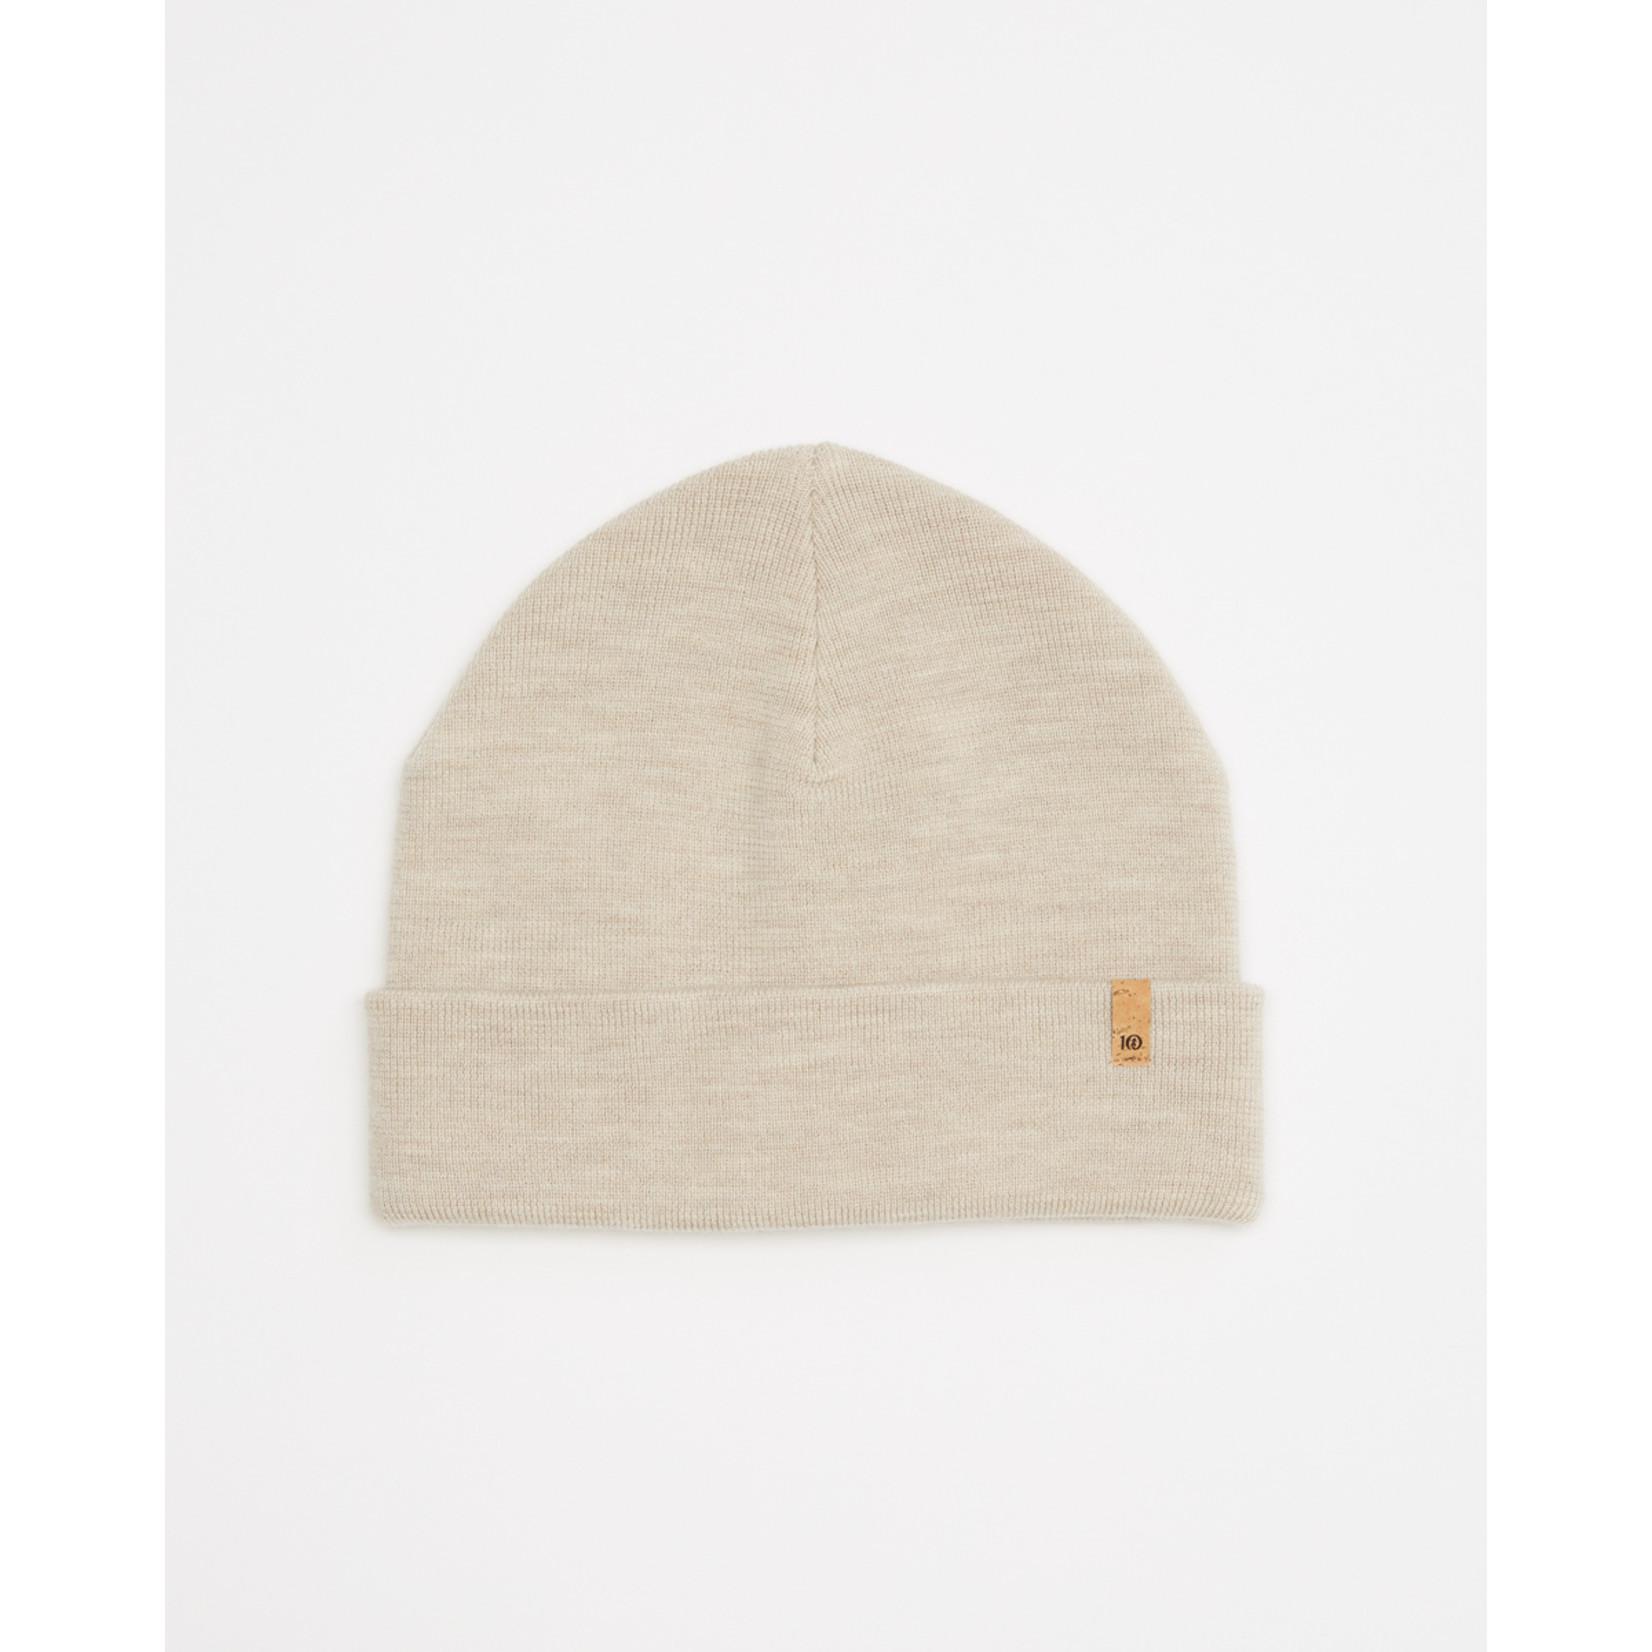 tentree® Wool Kurt Beanie